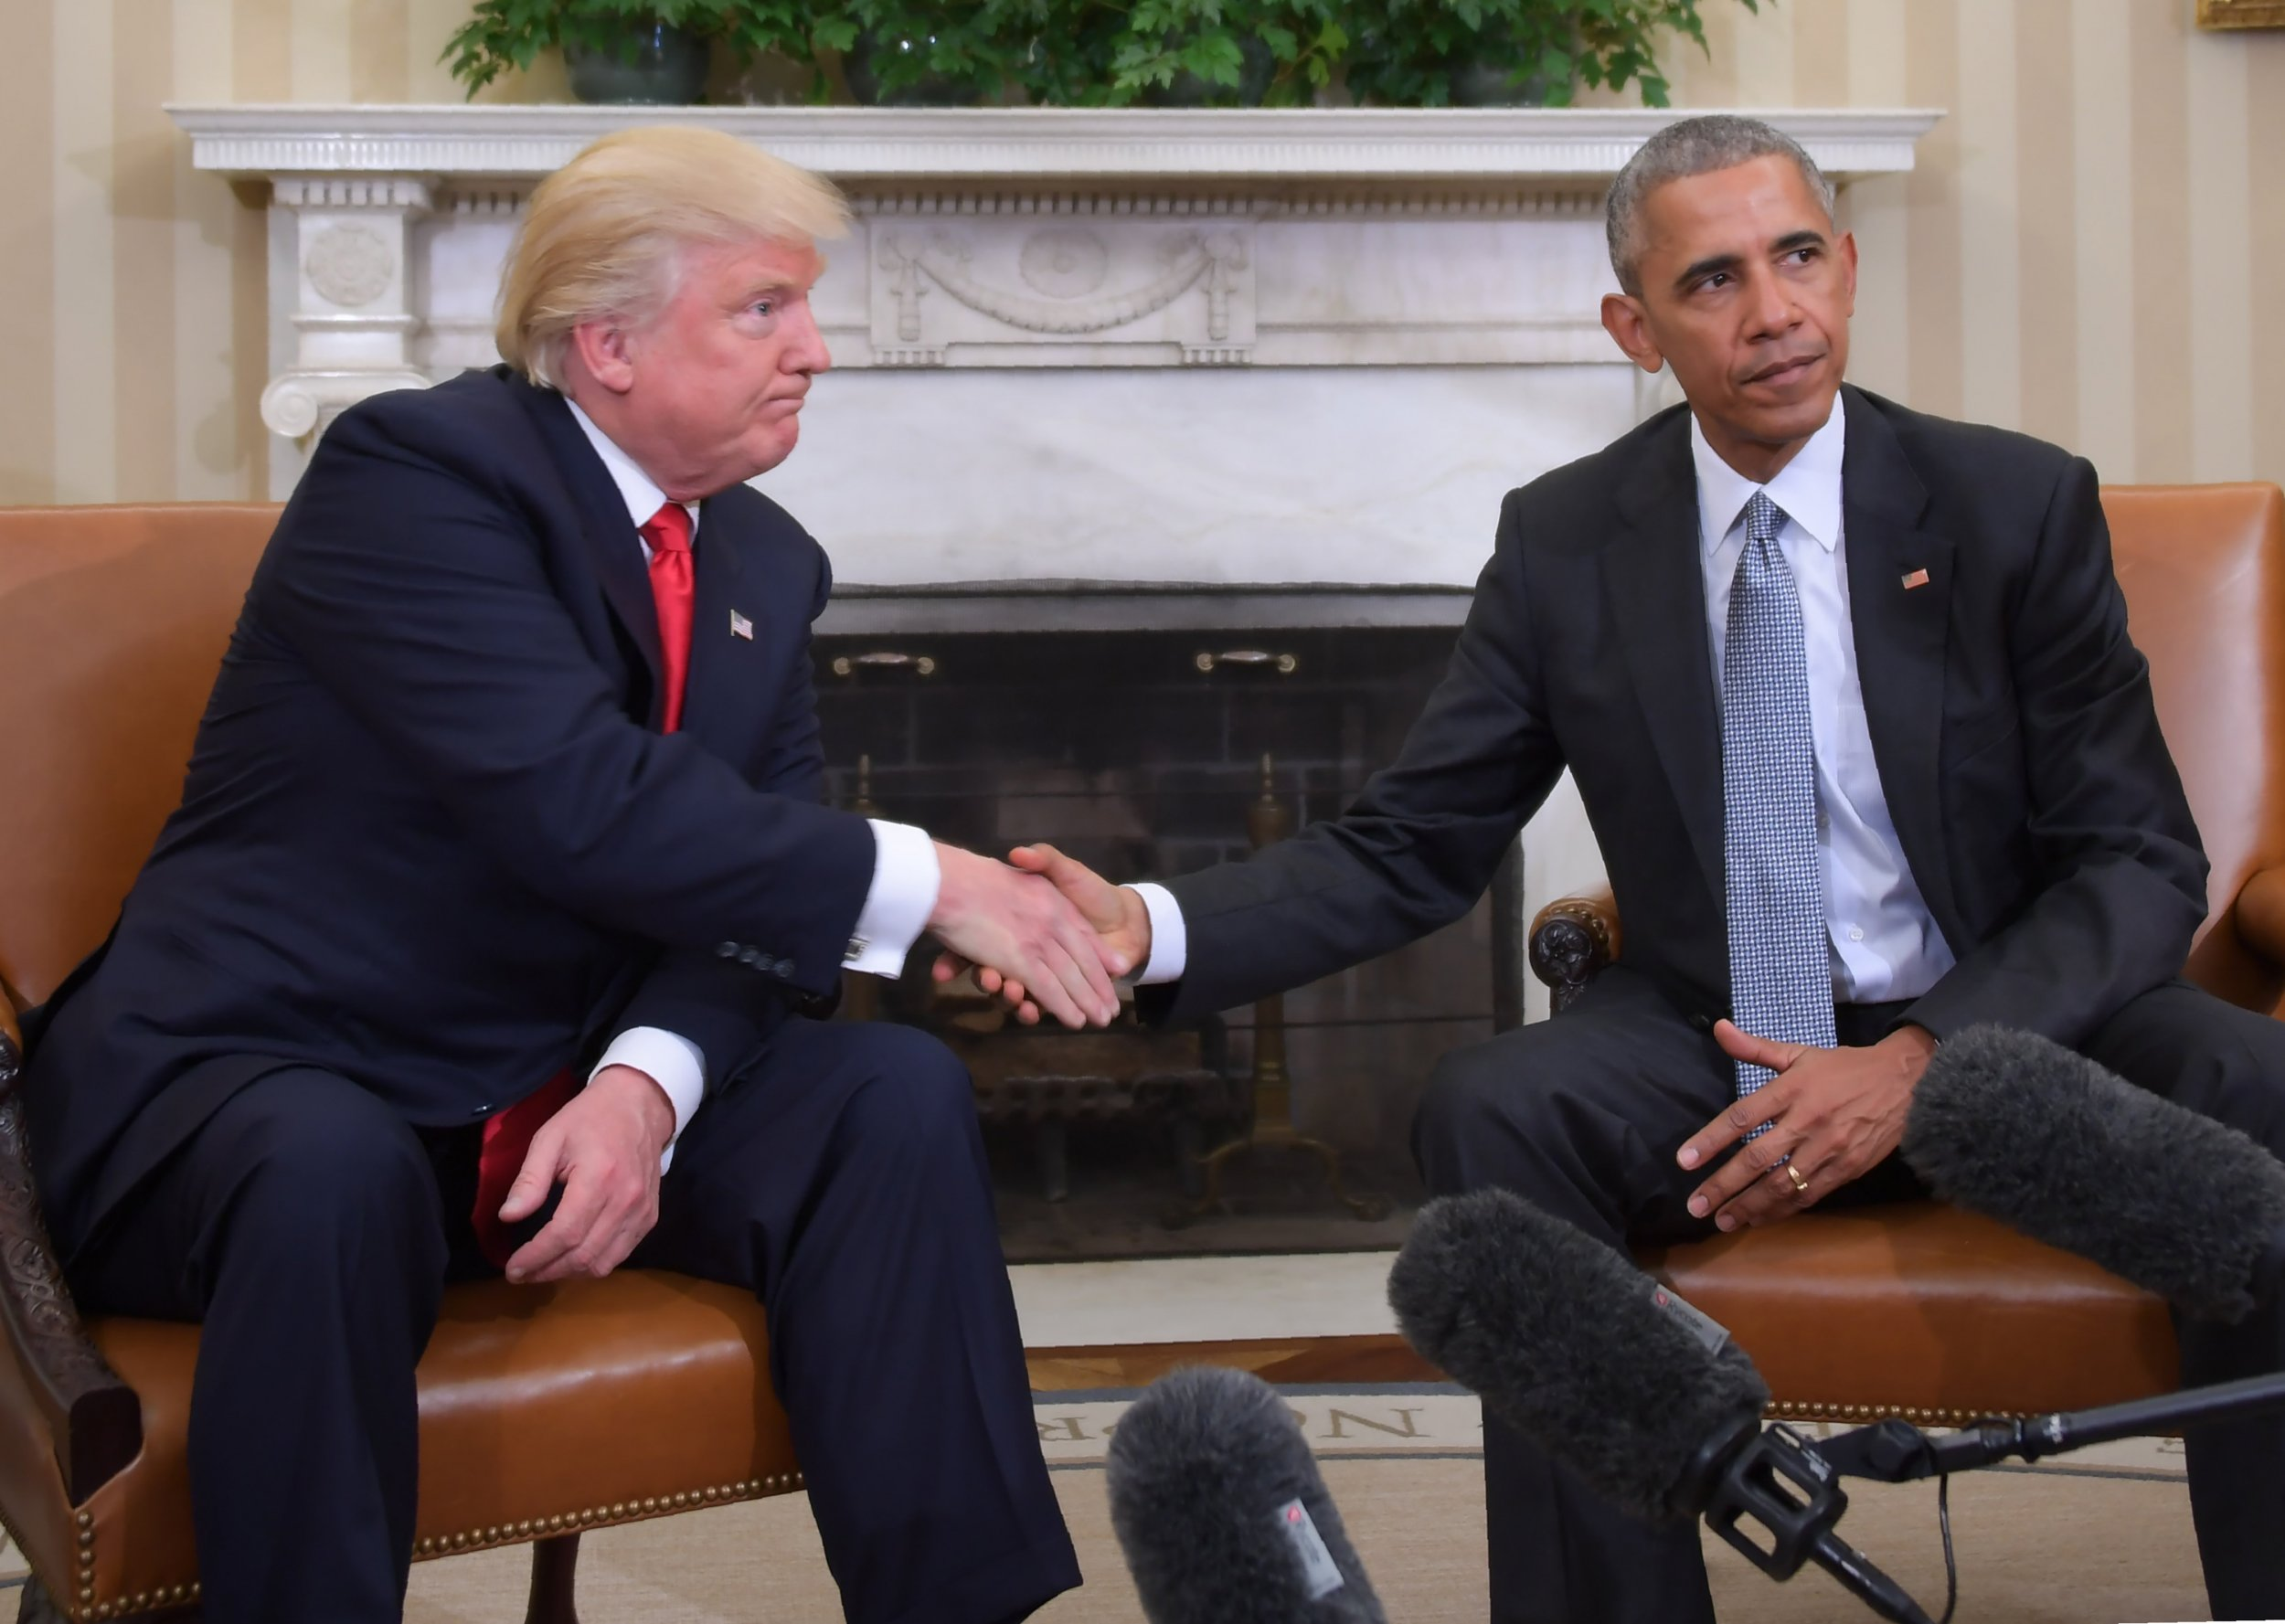 Trump Obama meeting